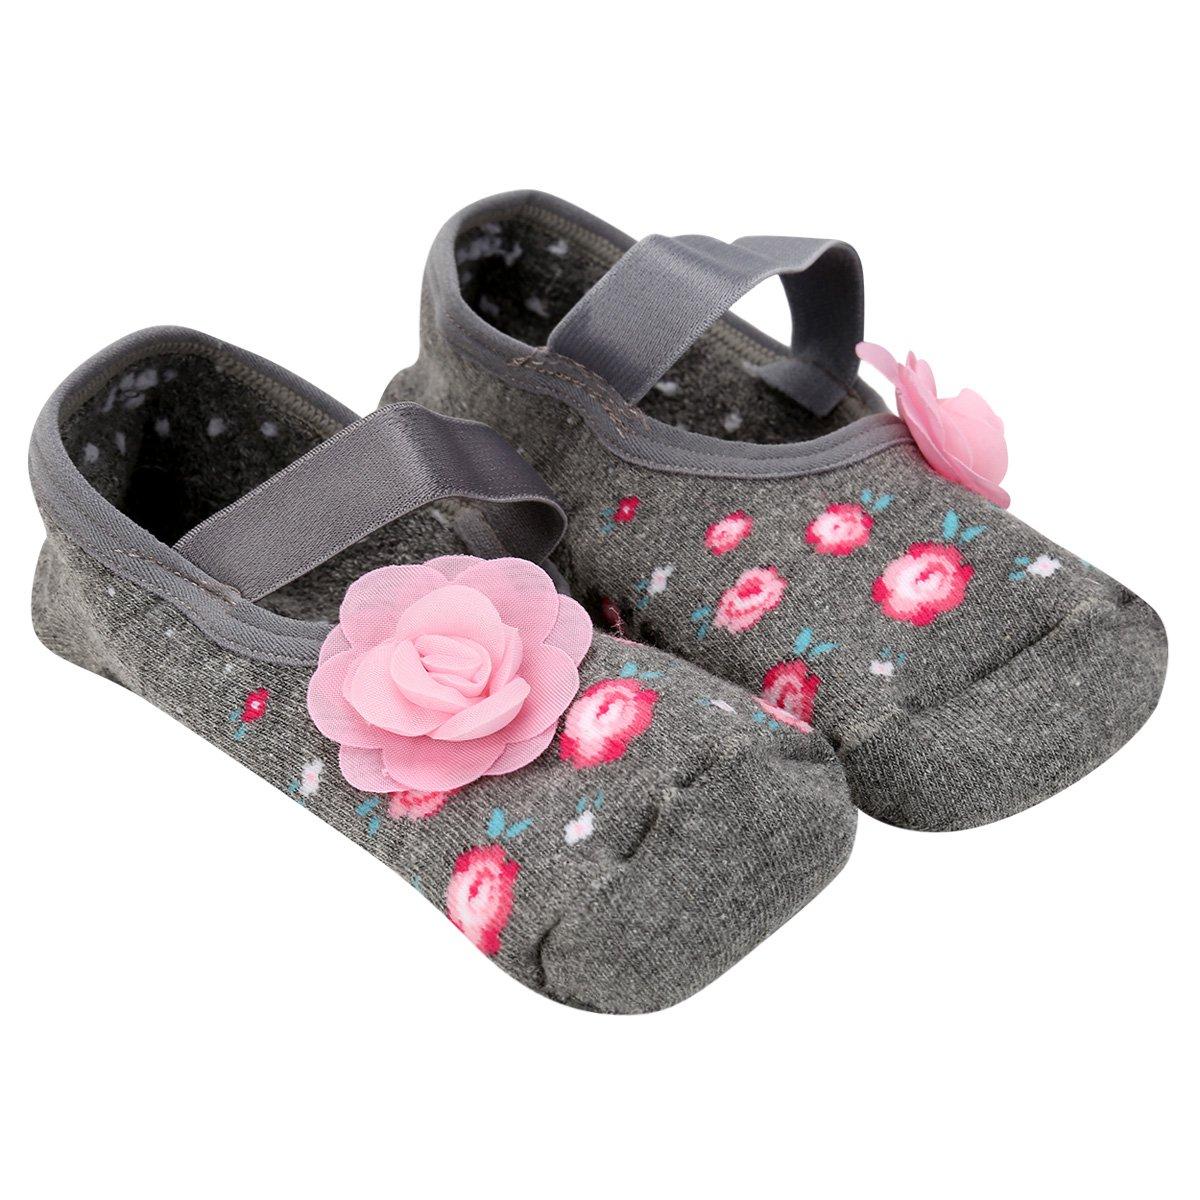 1843f51fdc81f5 Meia Sapatilha Puket Antiderrapante Floral - Mescla